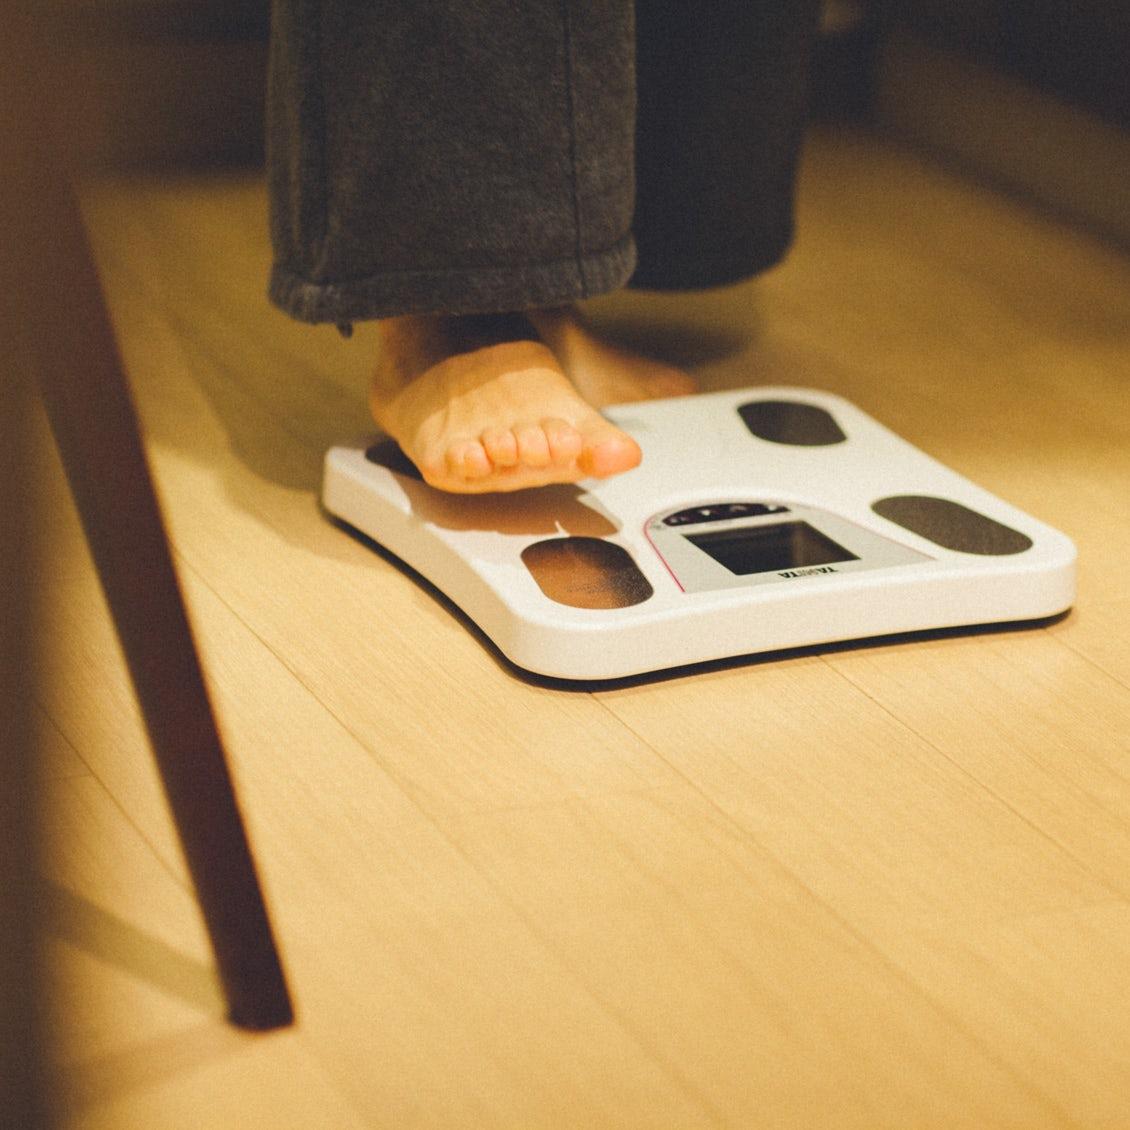 【家事でゆるリセット】前編:「ごみ捨て」だって筋トレ?いつもの家事でお正月太りを解消